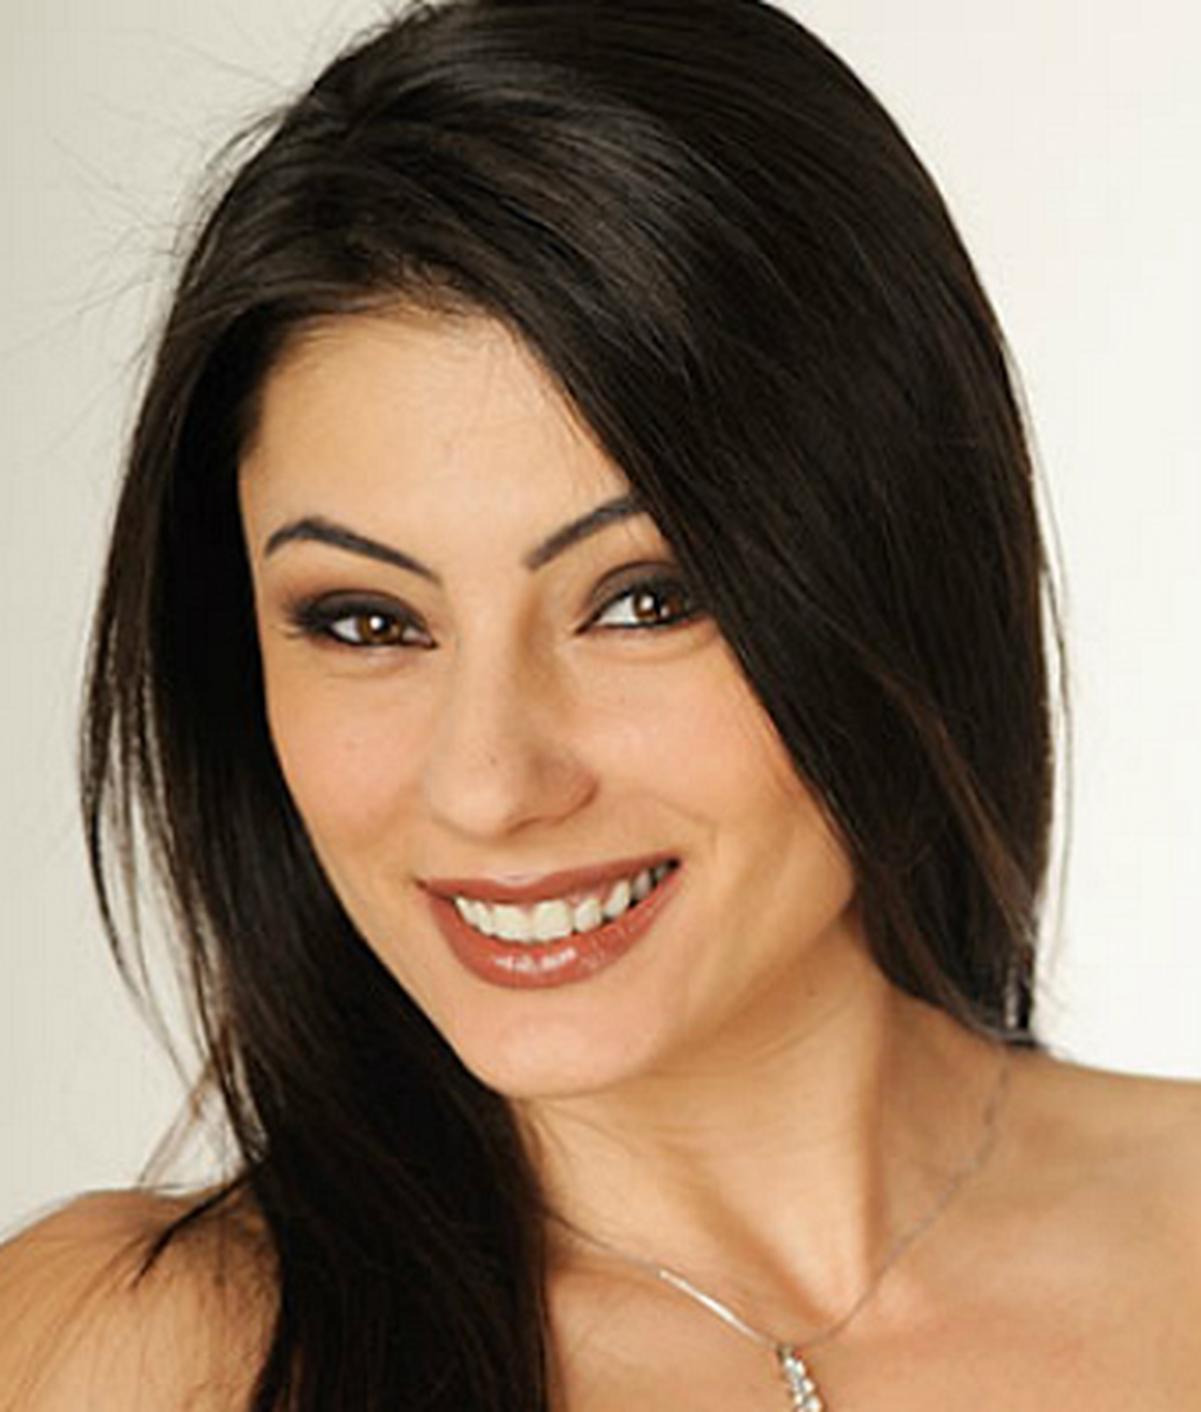 Sofia Cucci